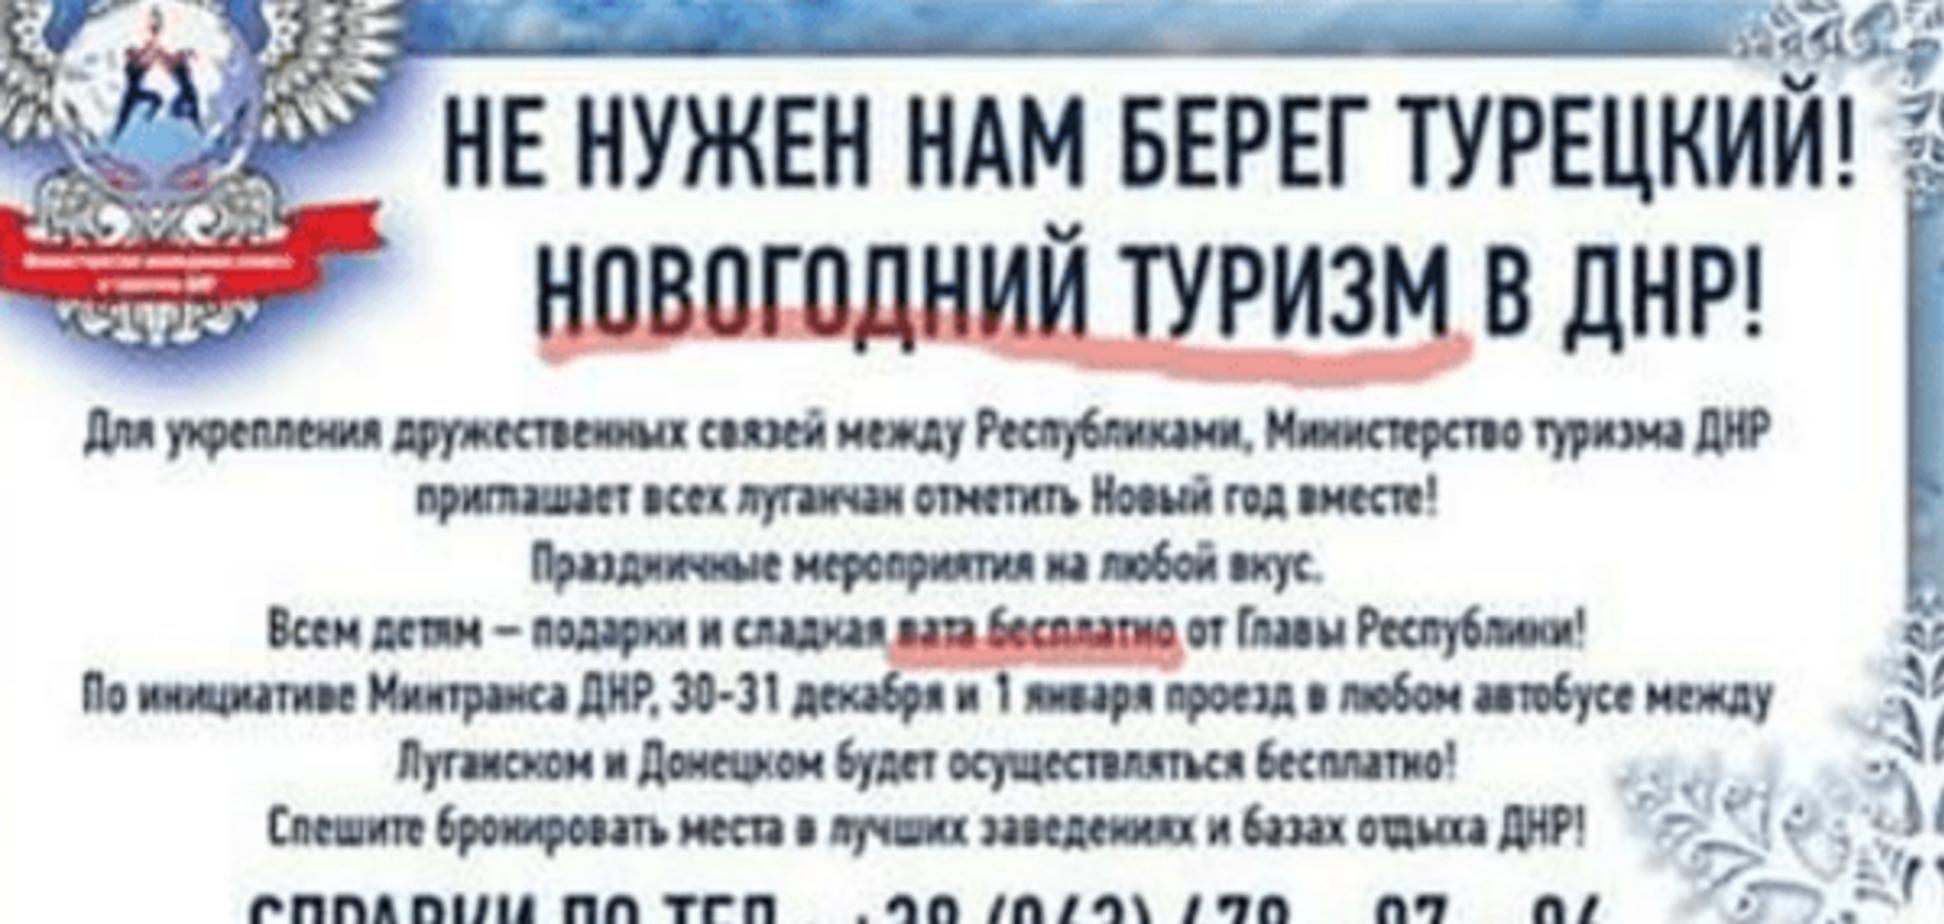 'Вата безкоштовно': мережа вибухнула бажаючими поїхати в 'новорічний тур' по 'ДНР'. Фотофакт